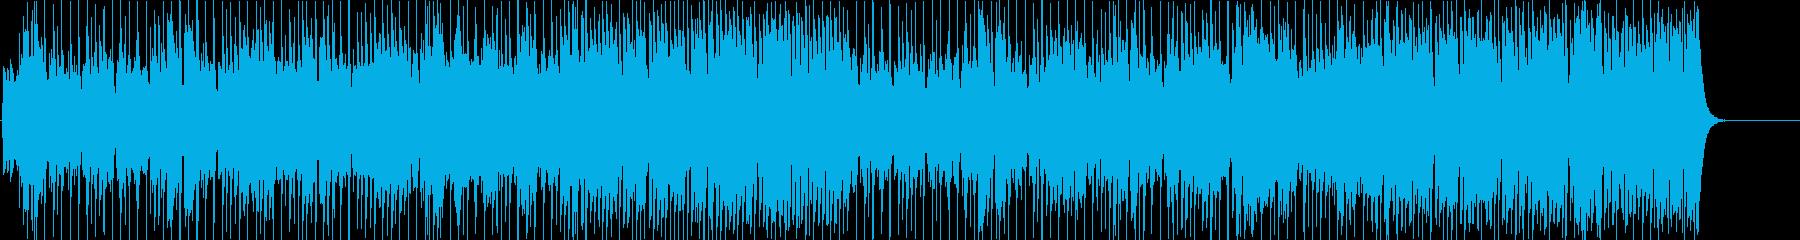 あやしい 挑戦 けだるい 謎 工業 機械の再生済みの波形